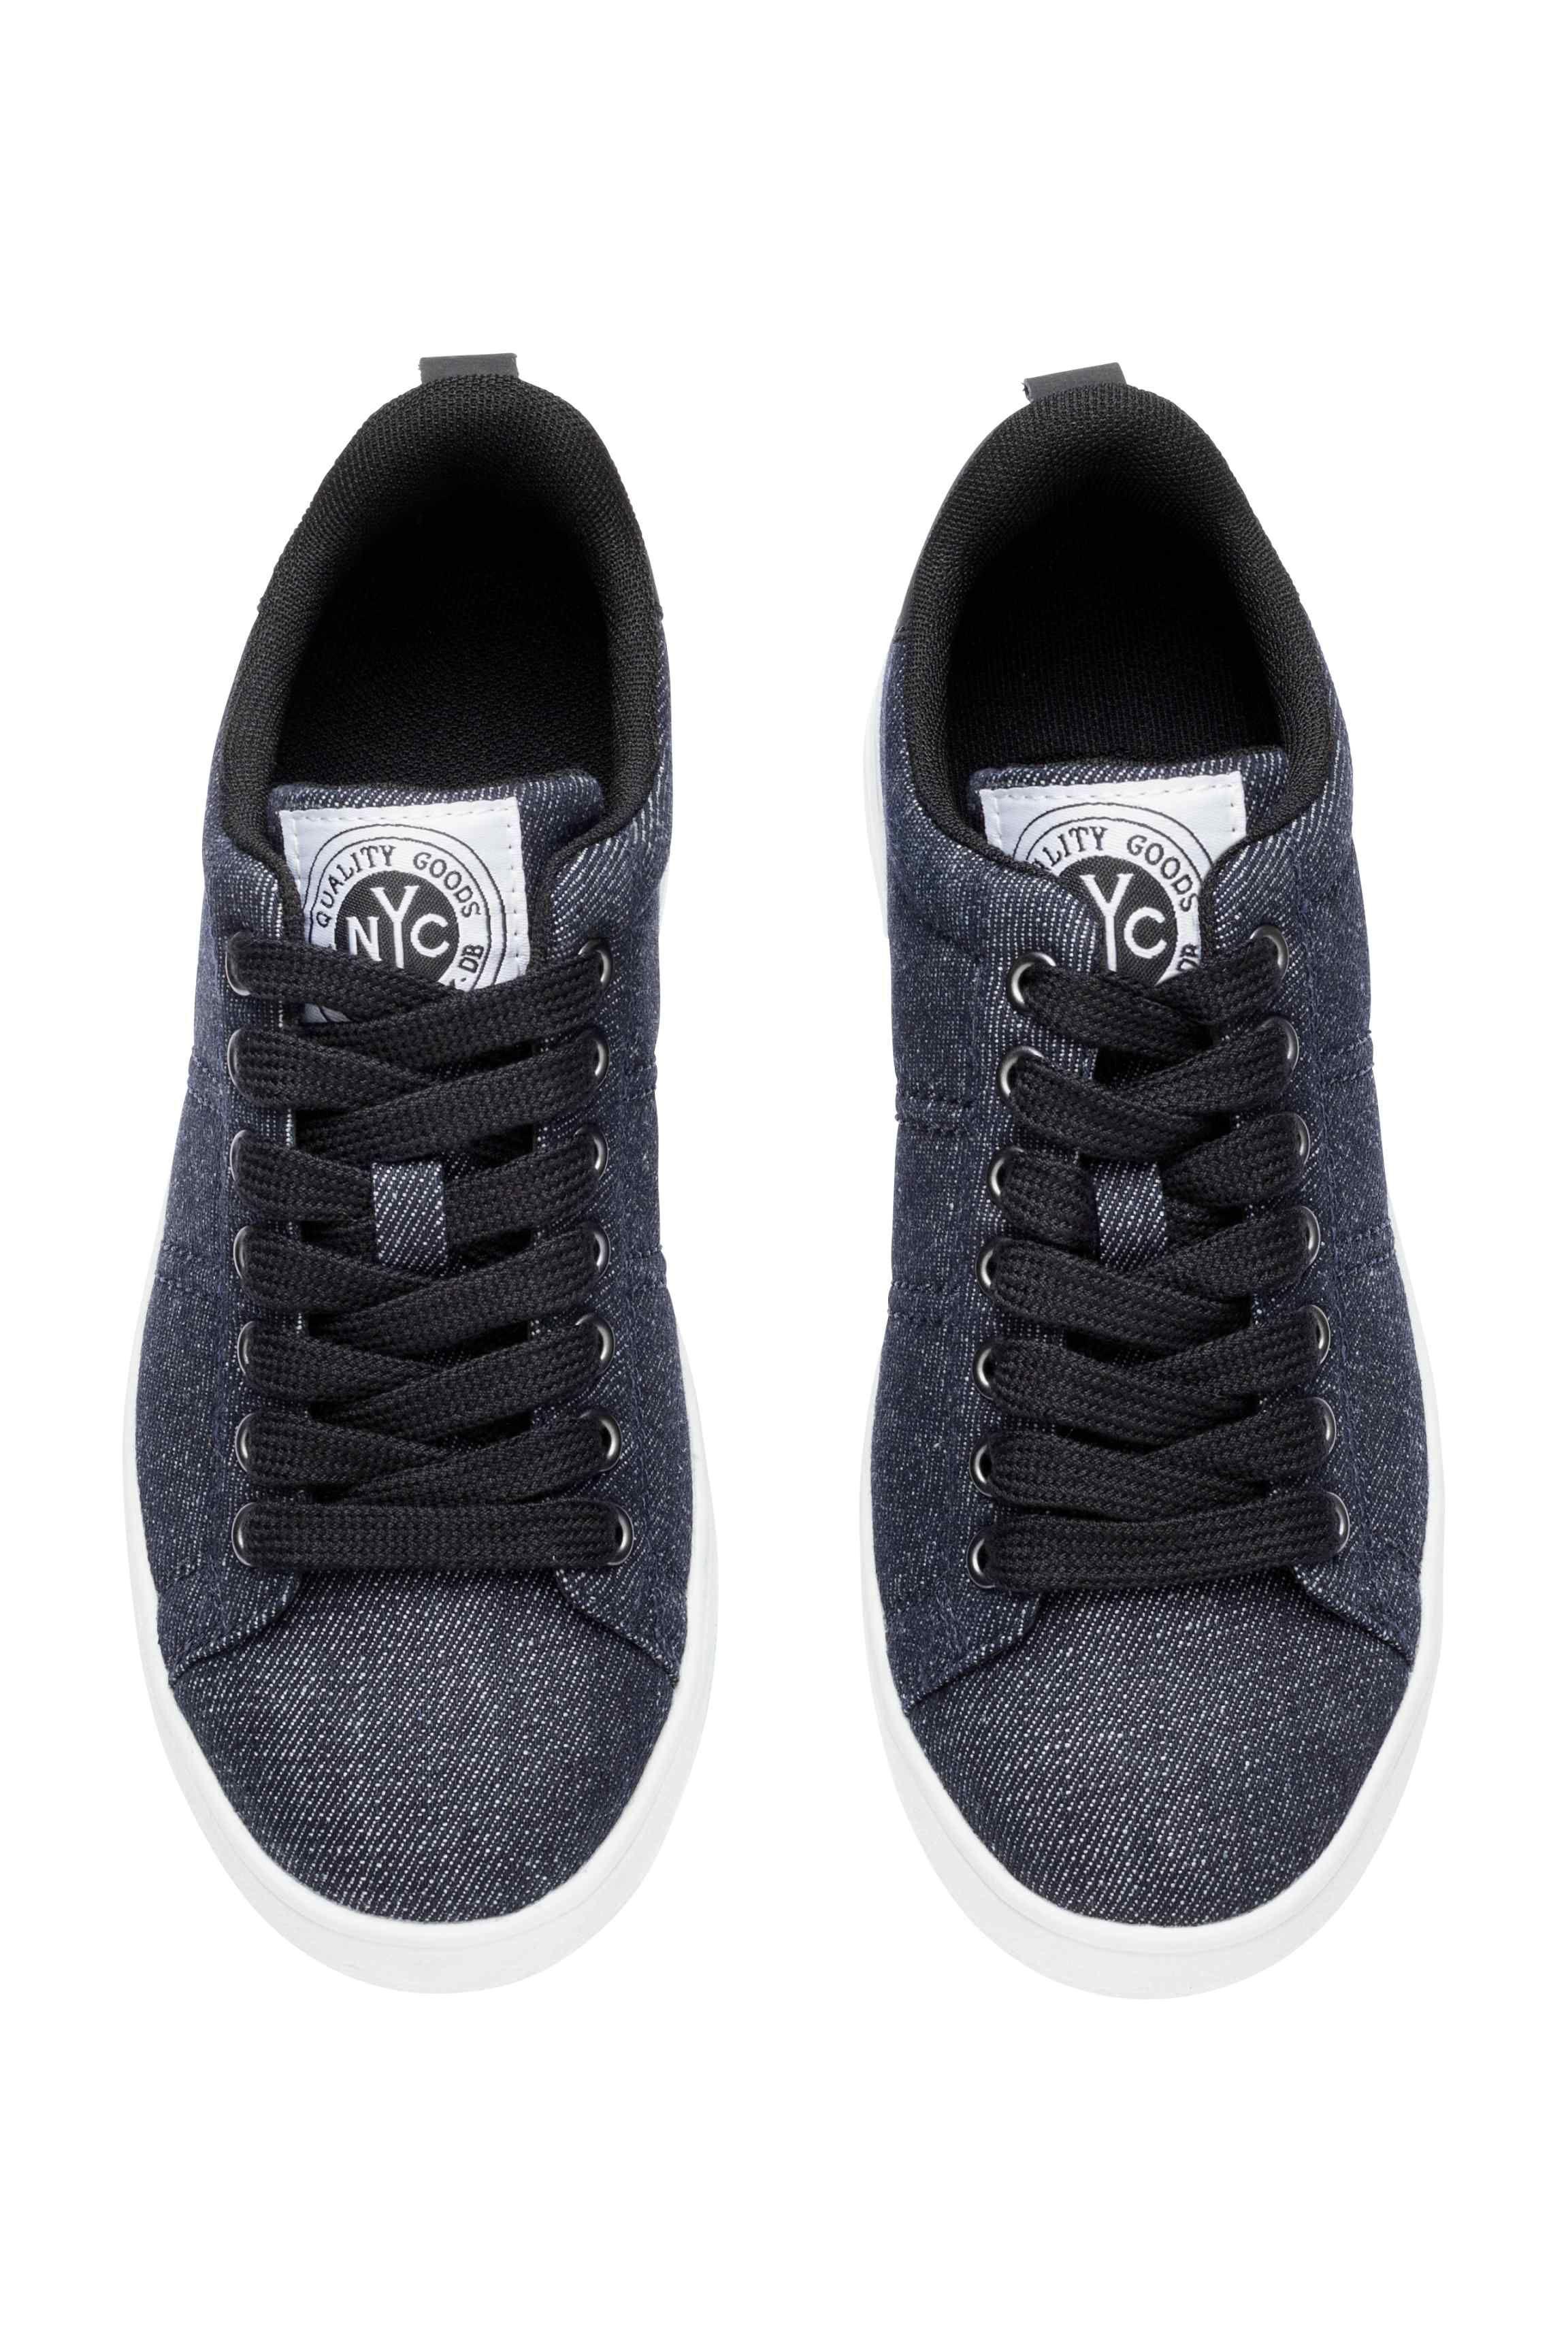 Dzinsowe Buty Sportowe Ciemnoniebieski Denim Dziecko H M Pl Black Sneaker Baby Shoes All Black Sneakers